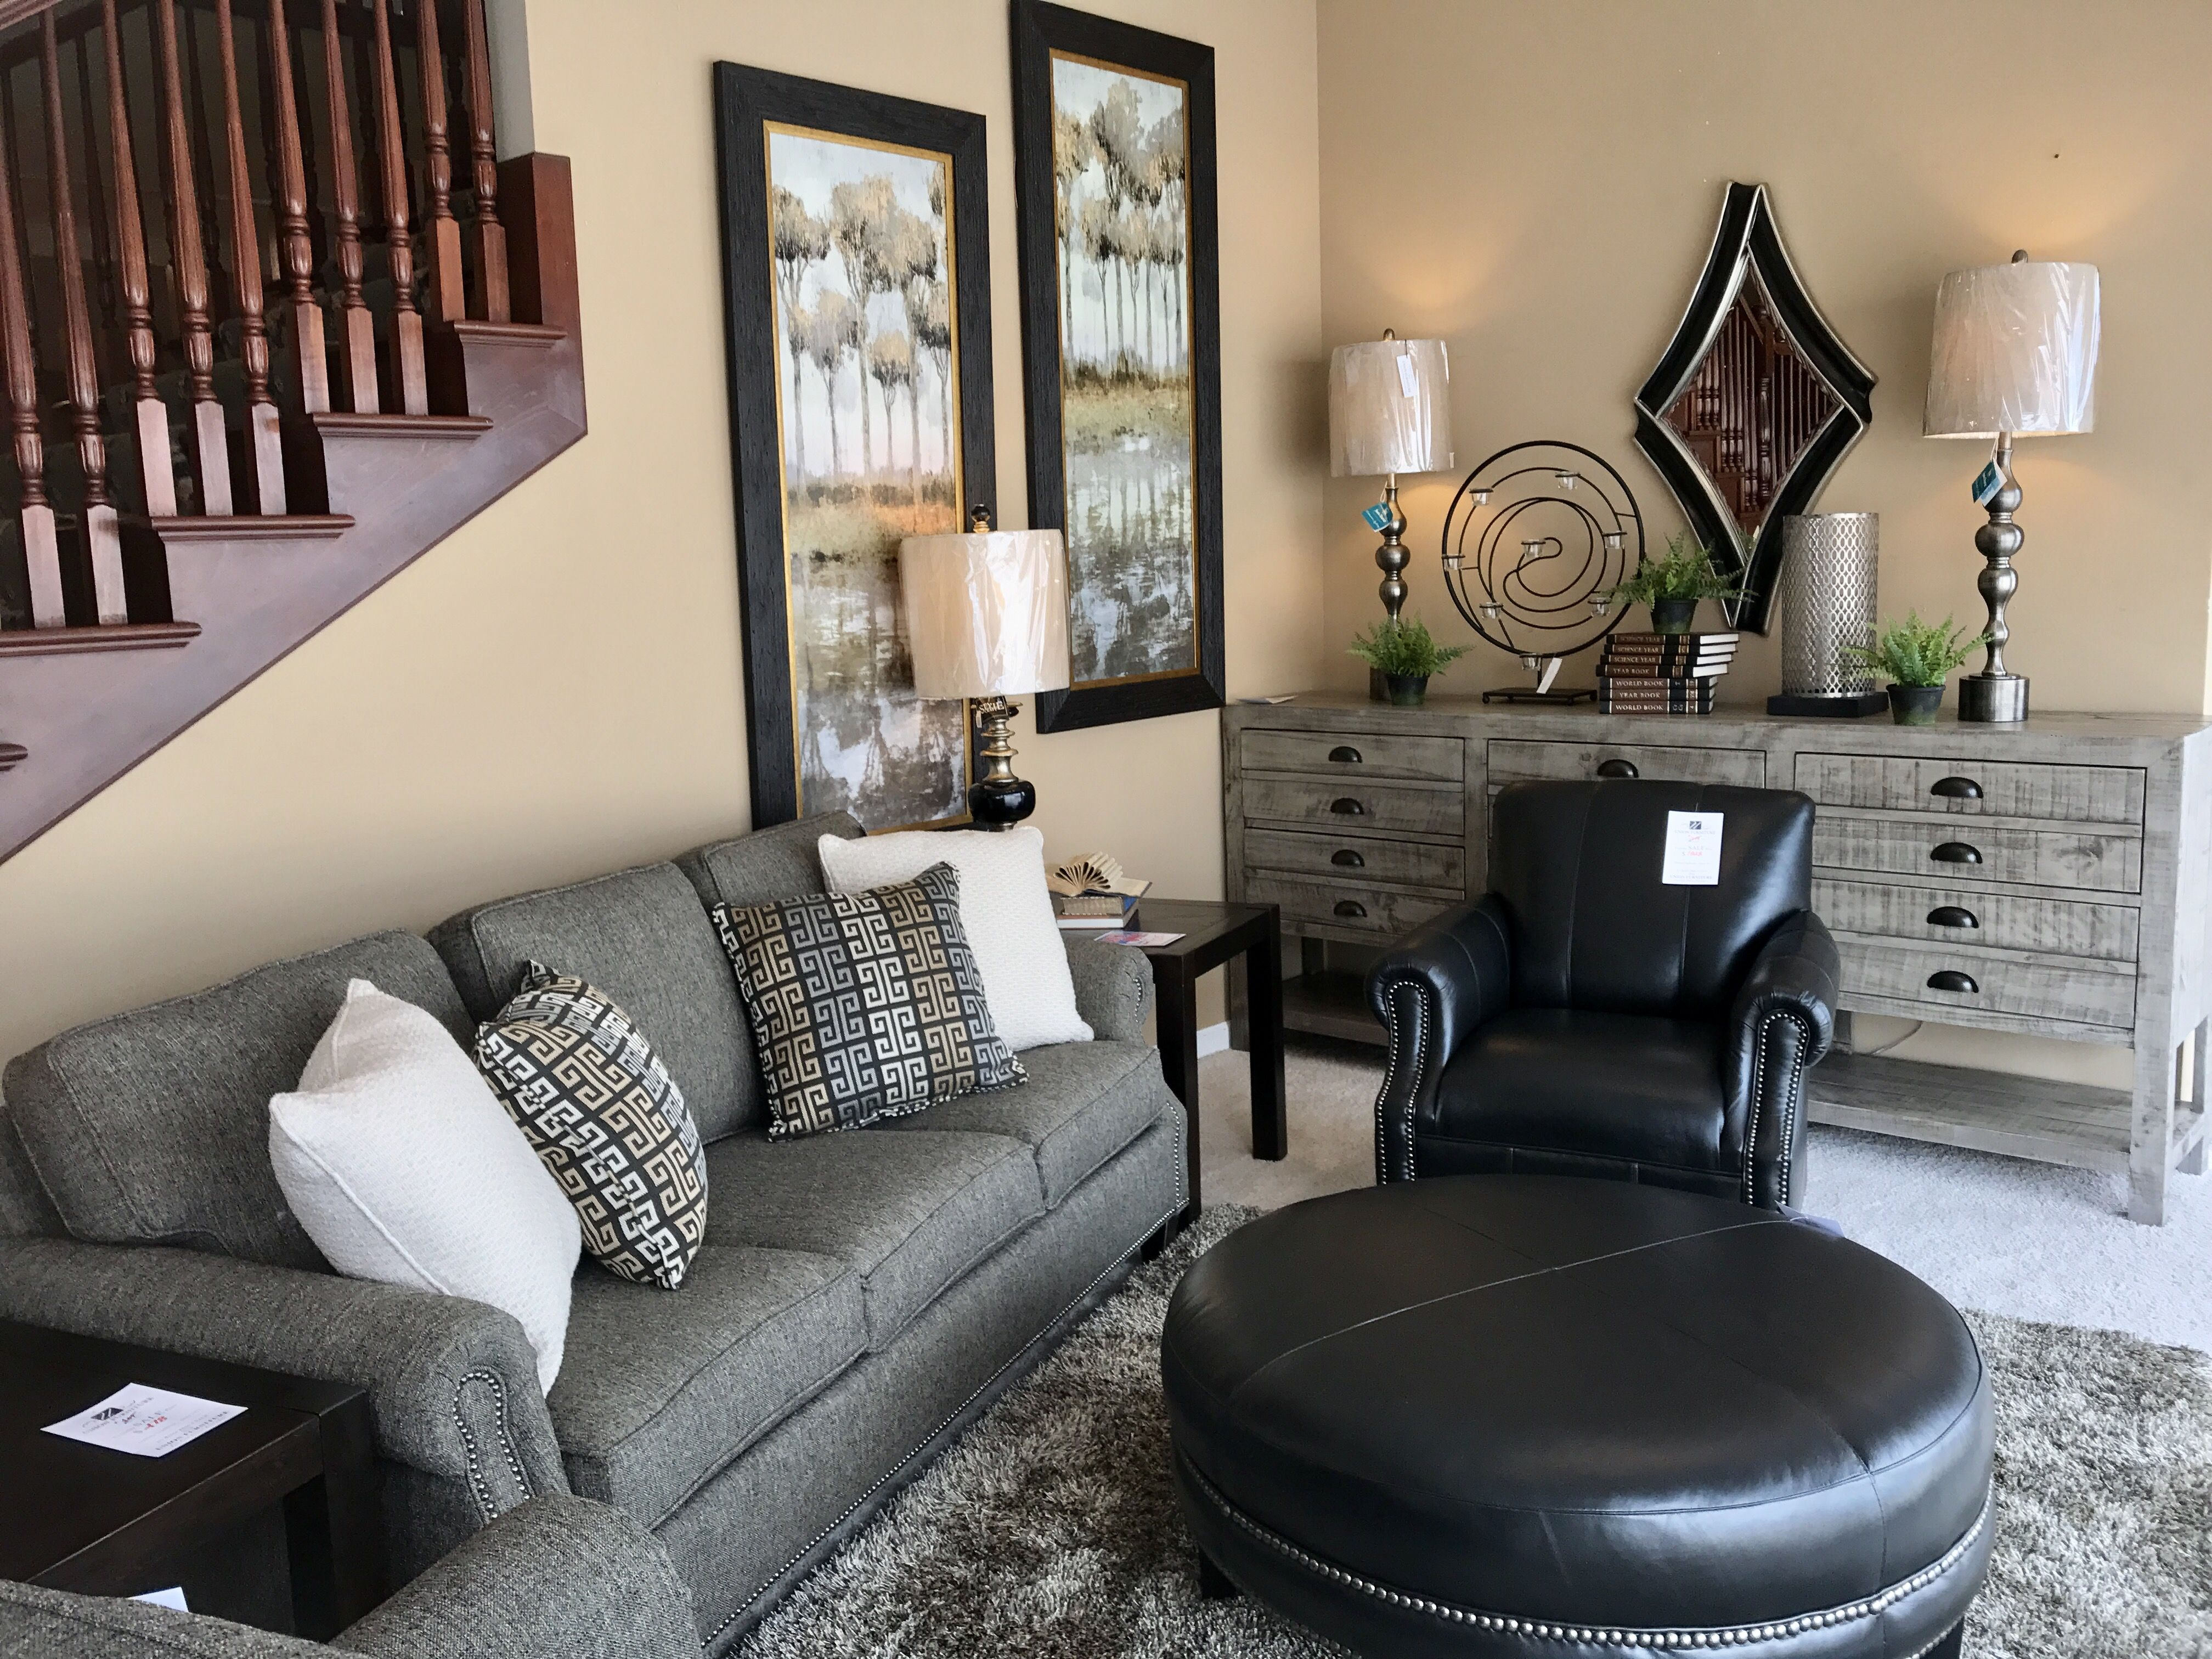 Mayo Sofa Leather Chair And Ottoman Chair And Ottoman Sofa